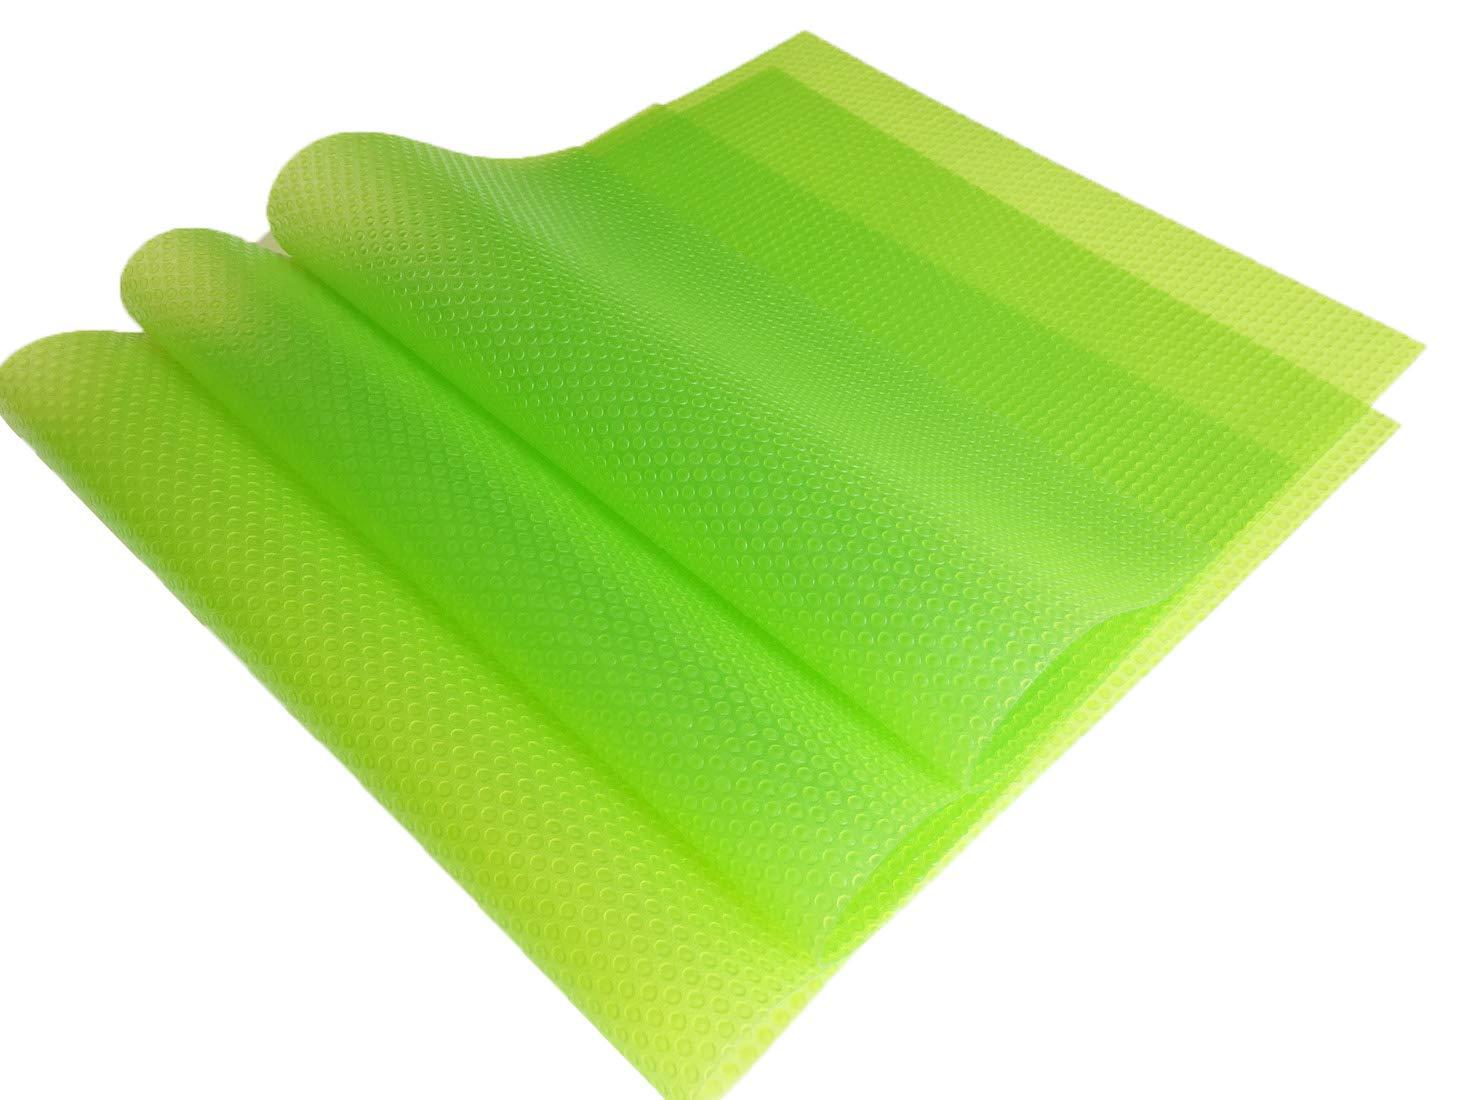 Kühlschrank Einlagen Matten : Kühlschränke waschbare kühlschrankmatten küche silikon kühlraum